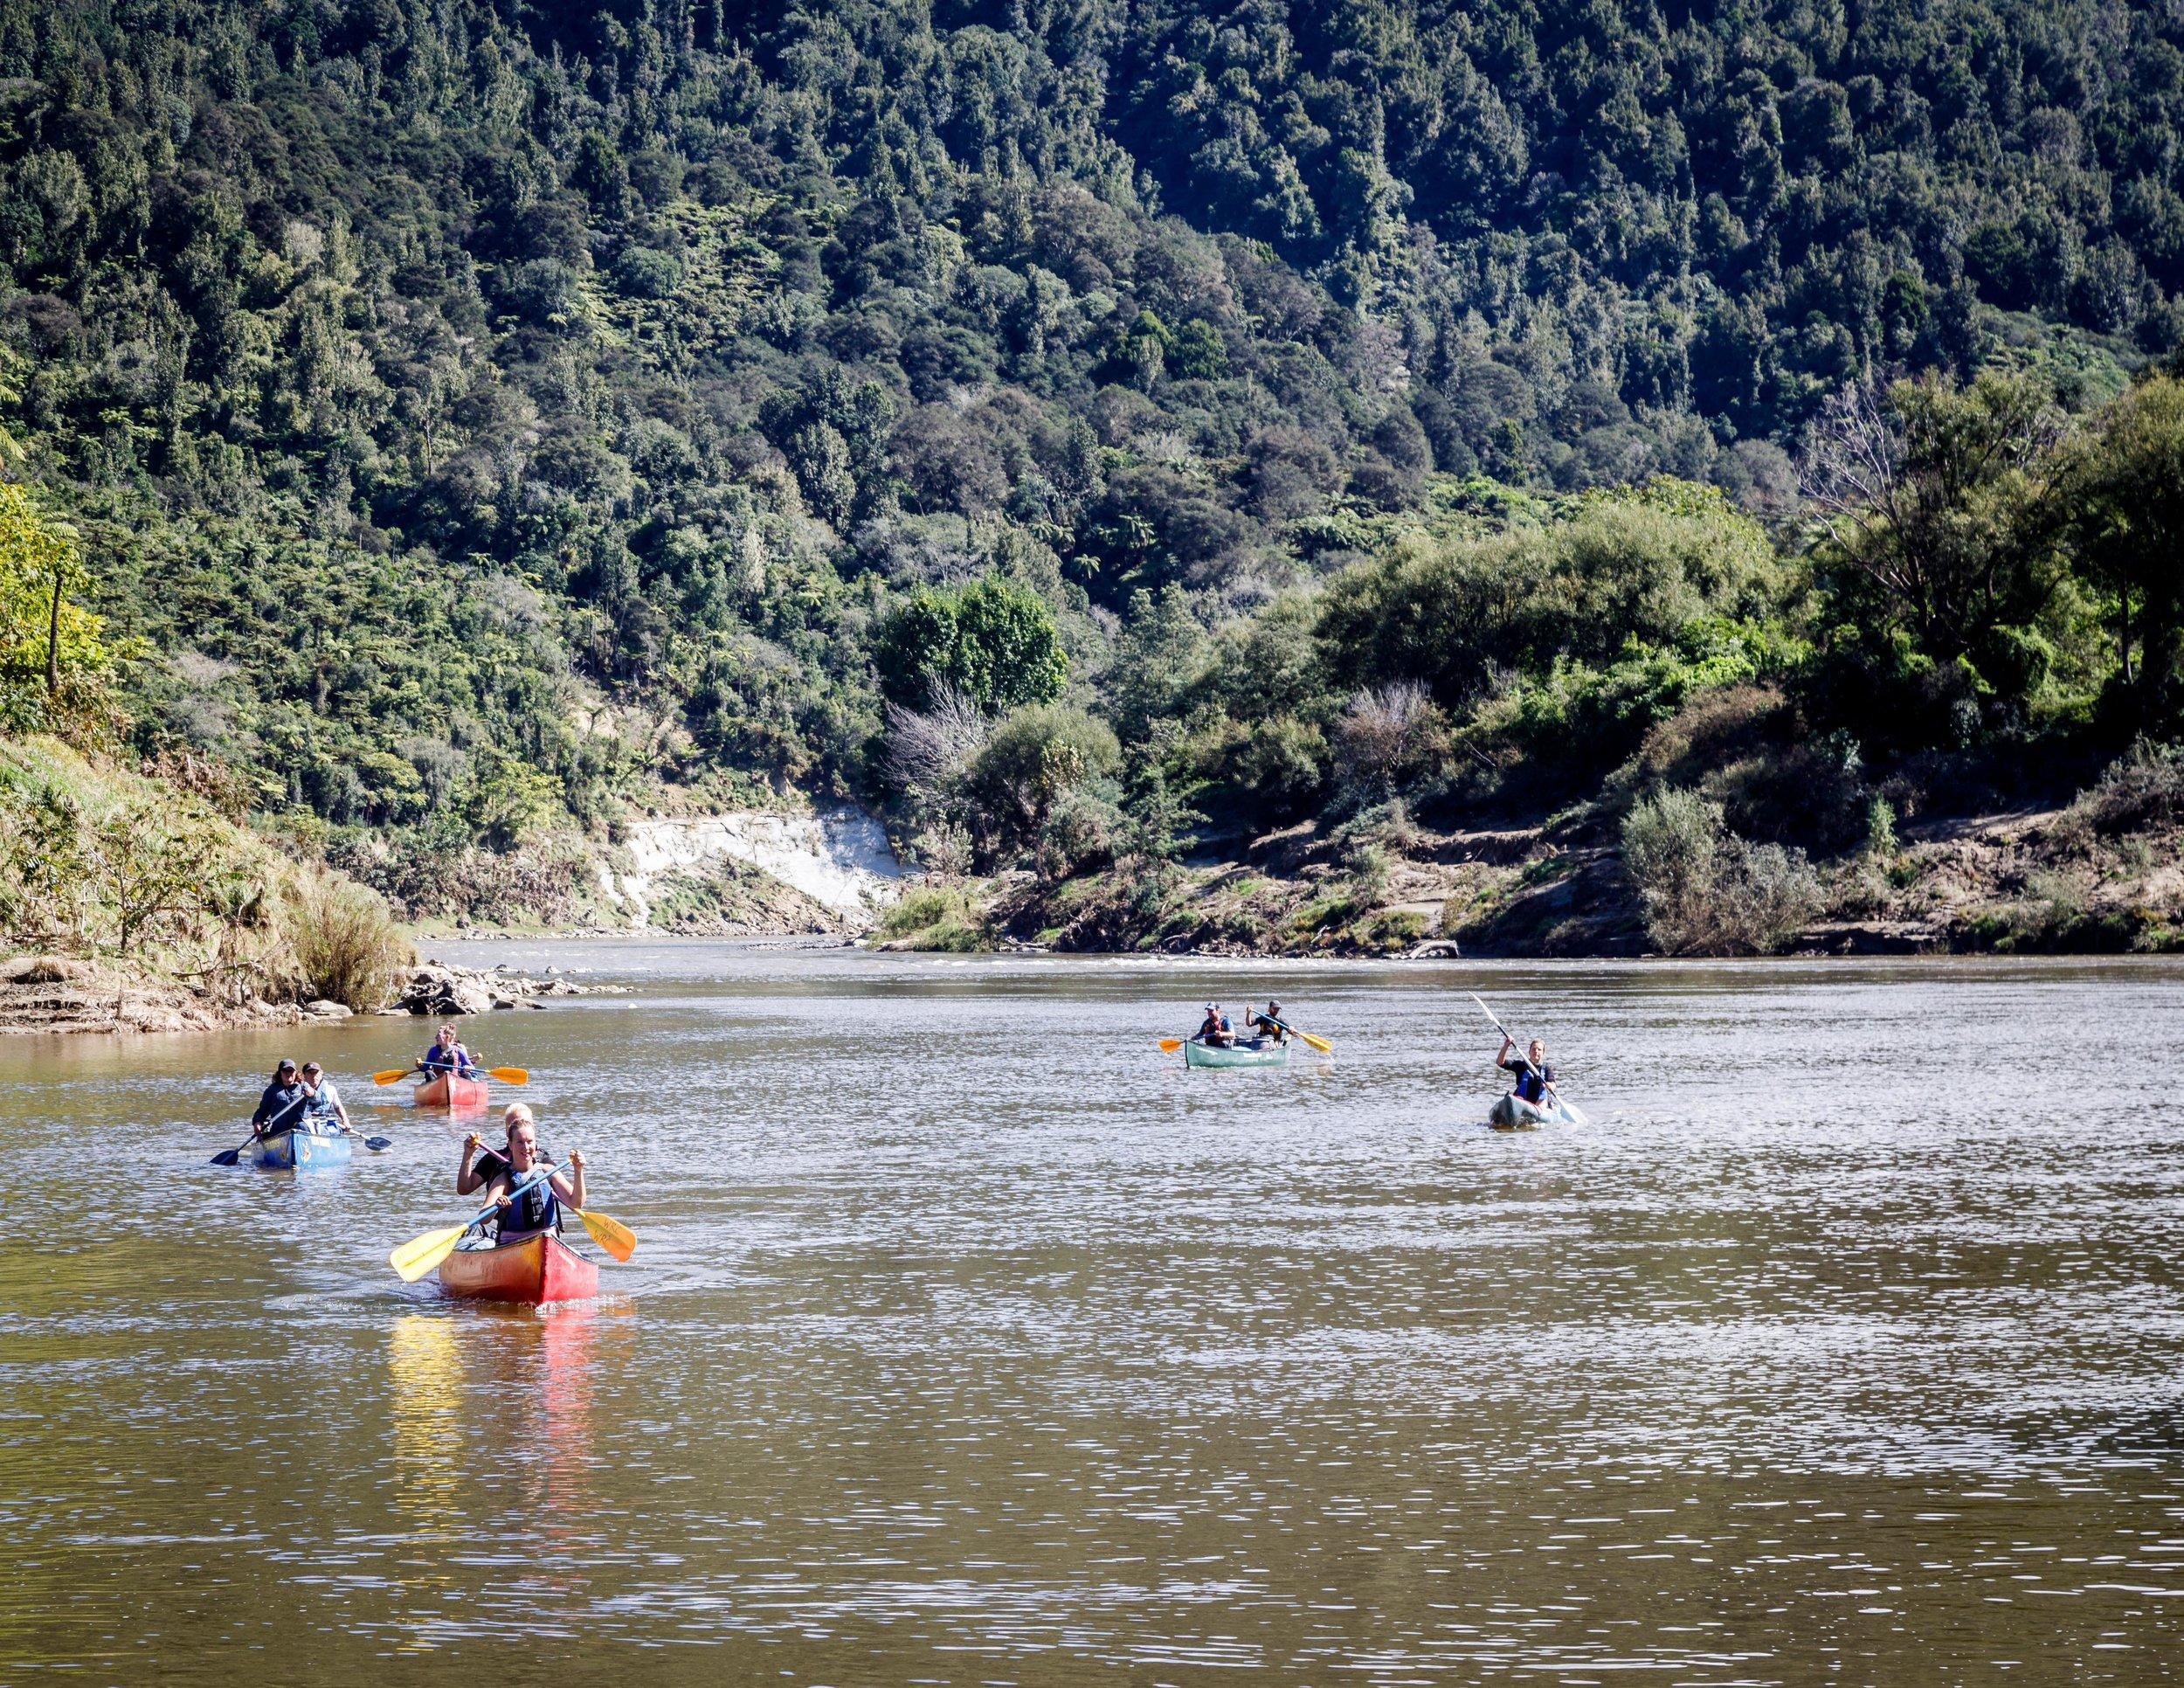 The Whanganui River Journey